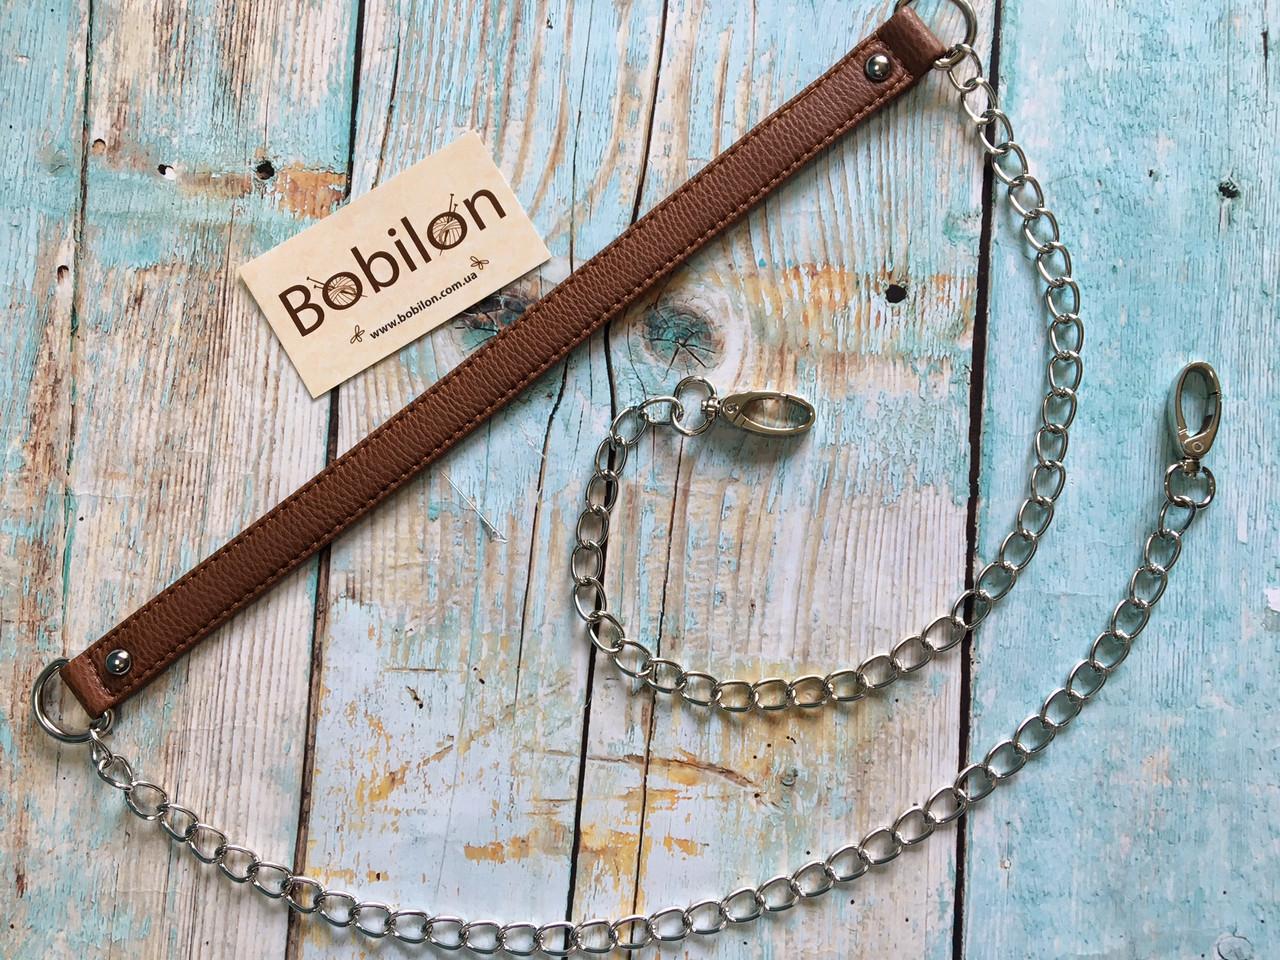 33a5de98eec7 Ручка-цепочка для сумки(эко-кожа), коричневая, цена 170 грн., купить в  Харькове — Prom.ua (ID#630902892)